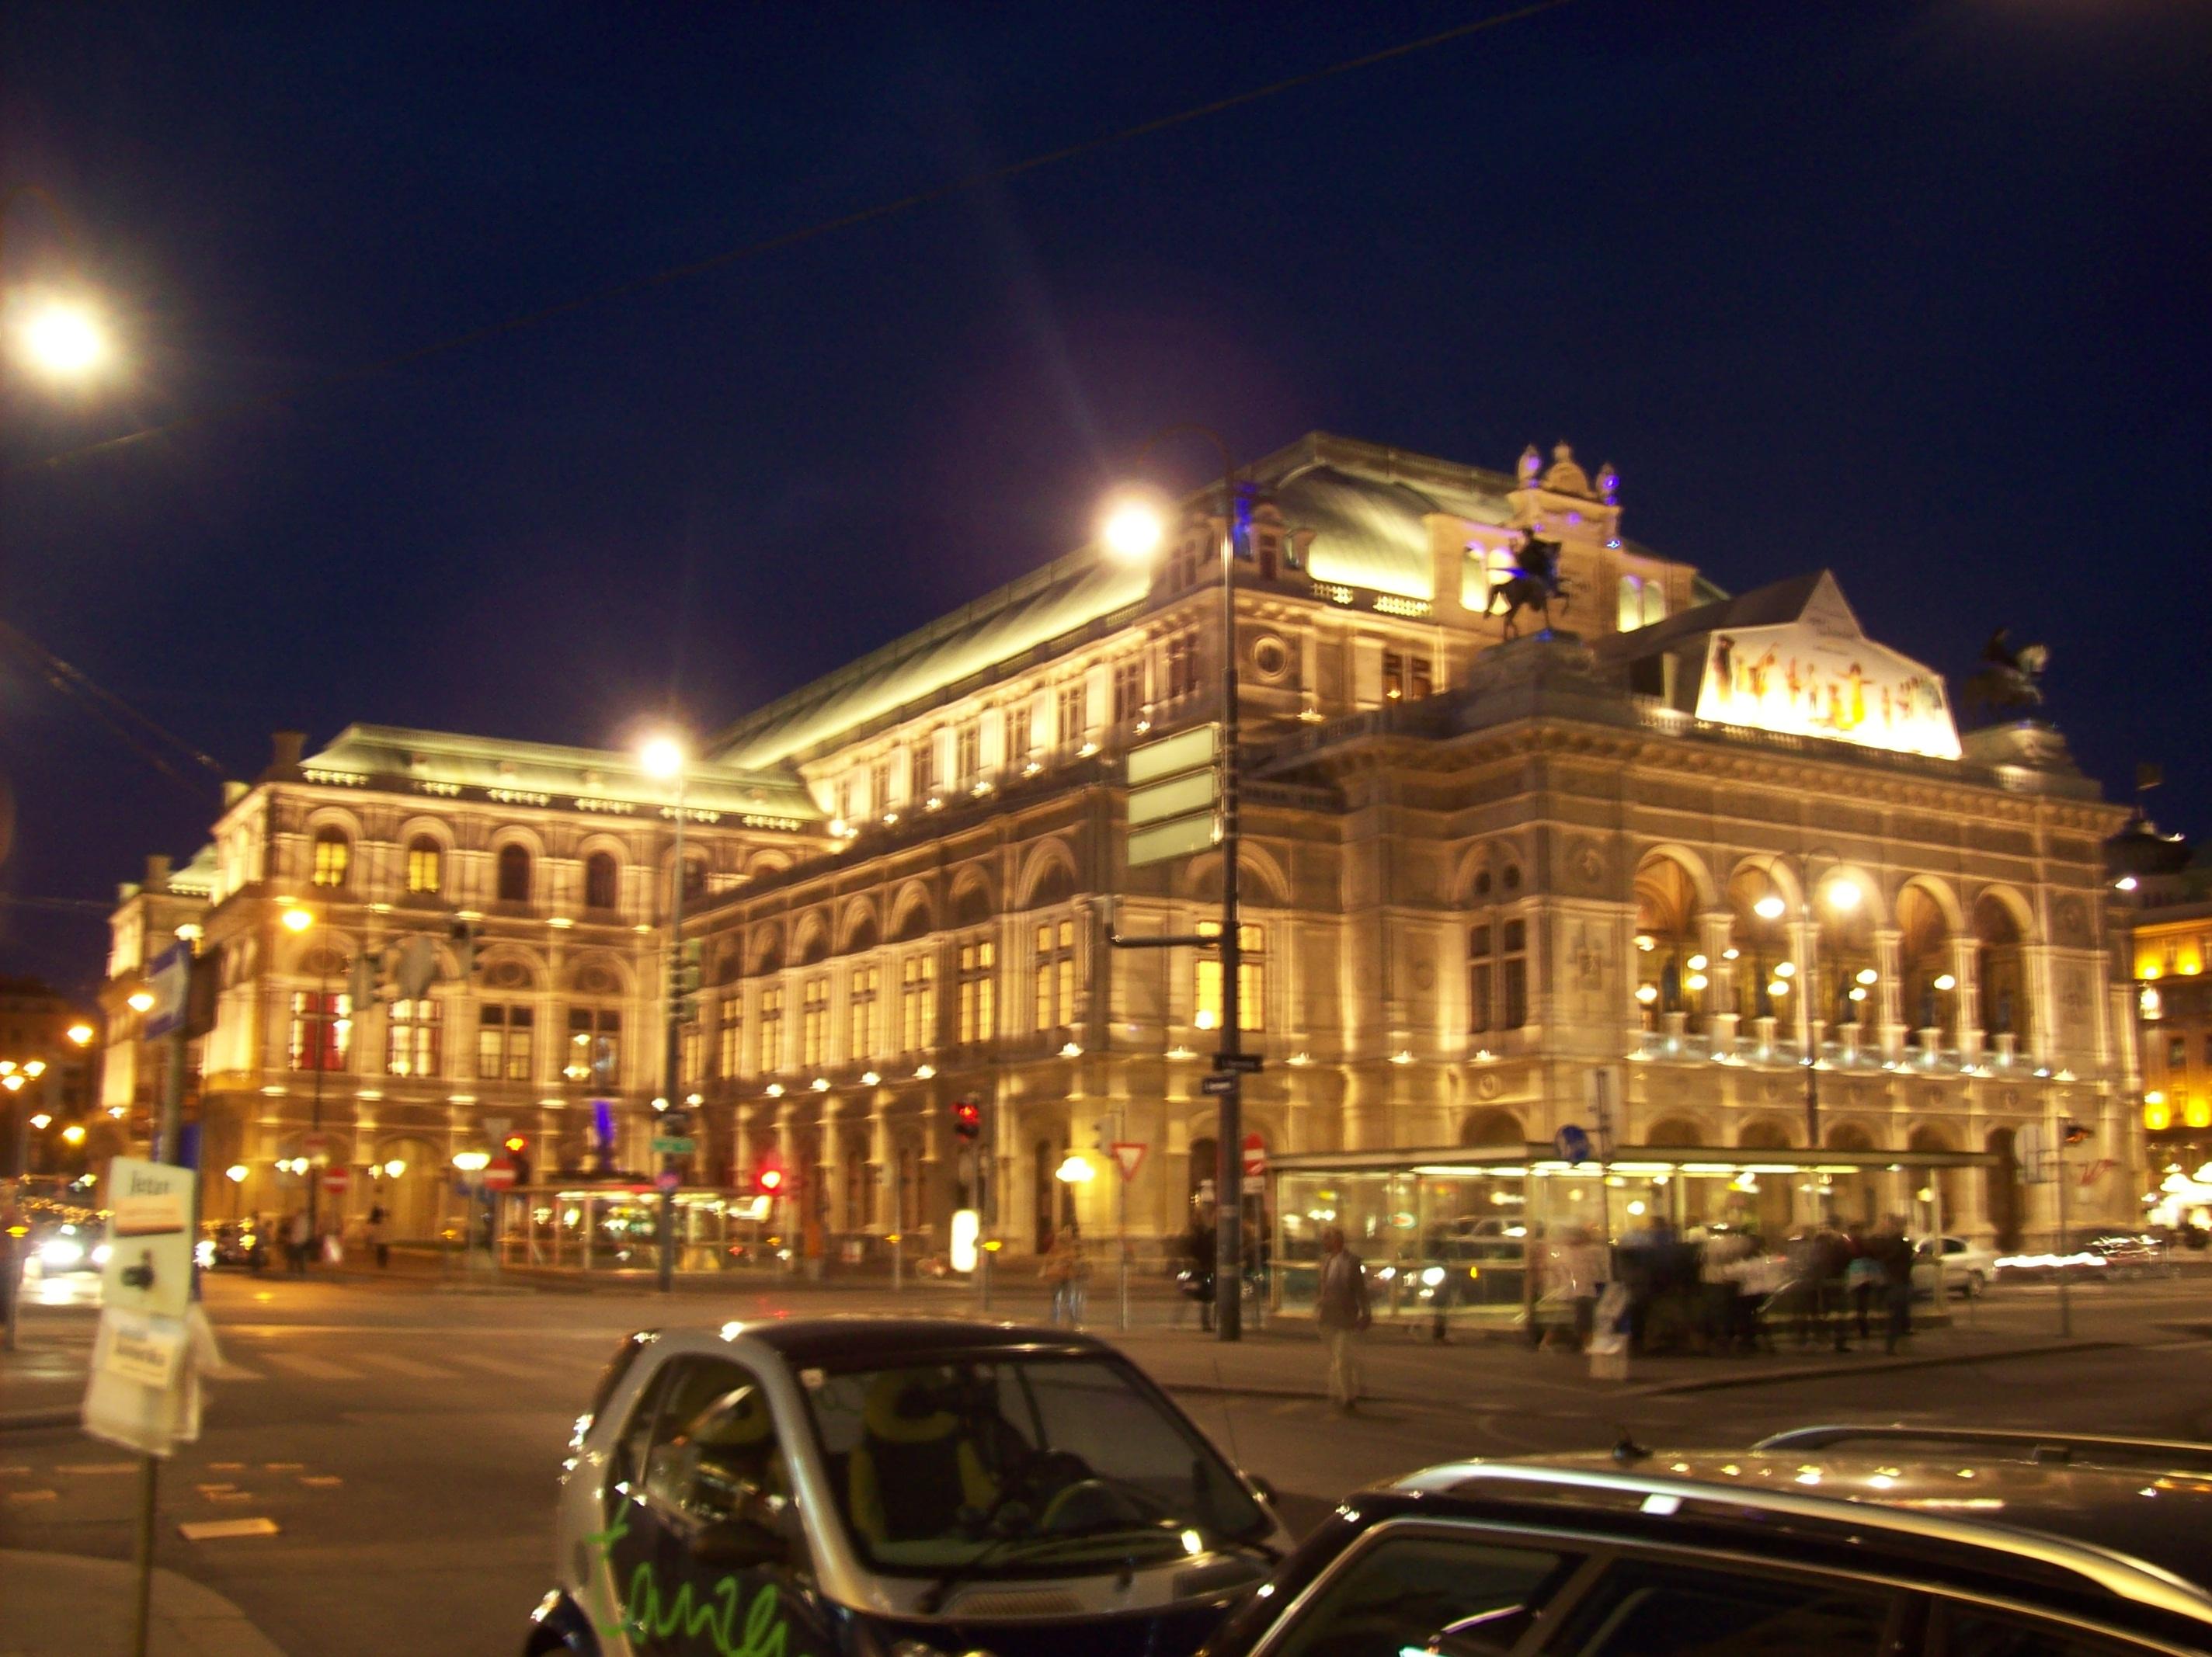 File:Wien - Staatsoper.jpg - Wikimedia Commons